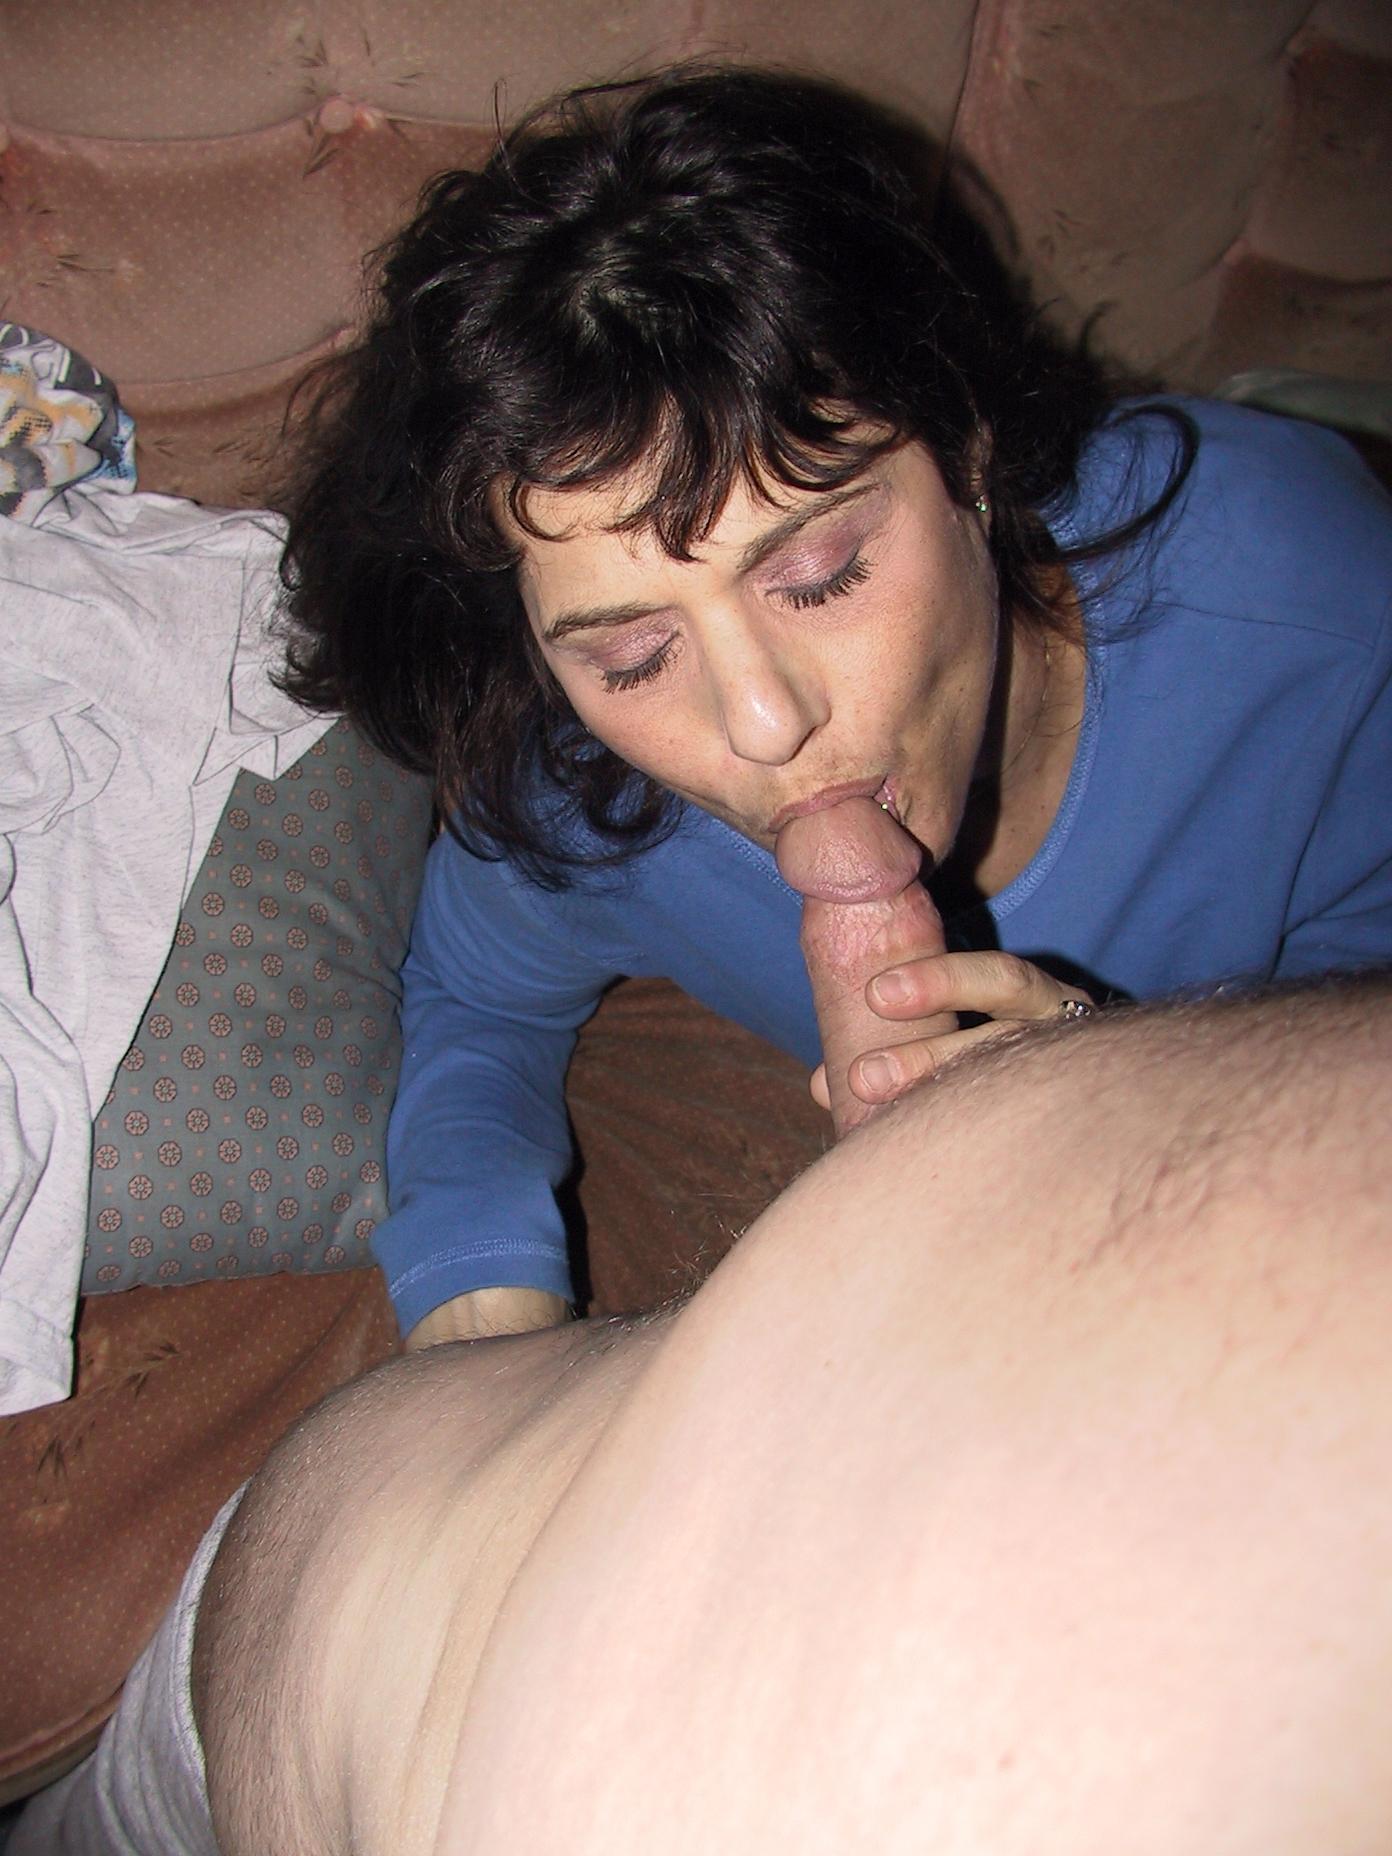 kinky sex escort i odense gratis kusse